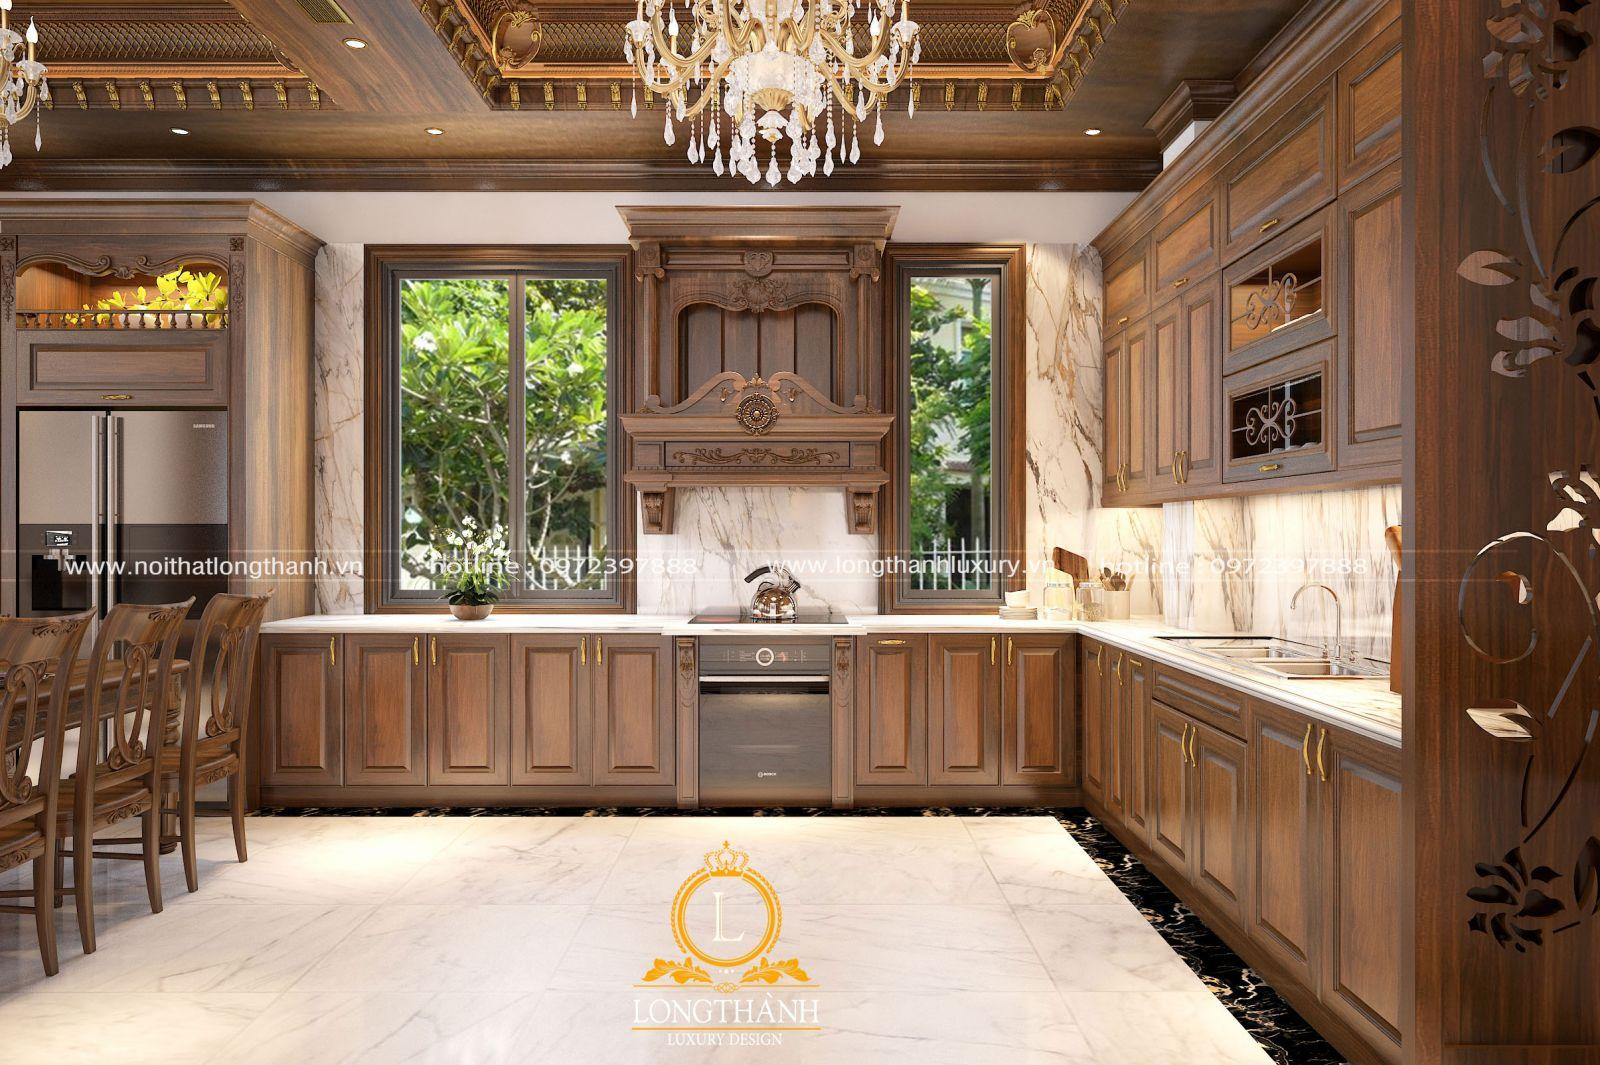 Tăng diện tích cho căn bếp, chia ra các phân khu riênglà xu hướng thiết kế 2021